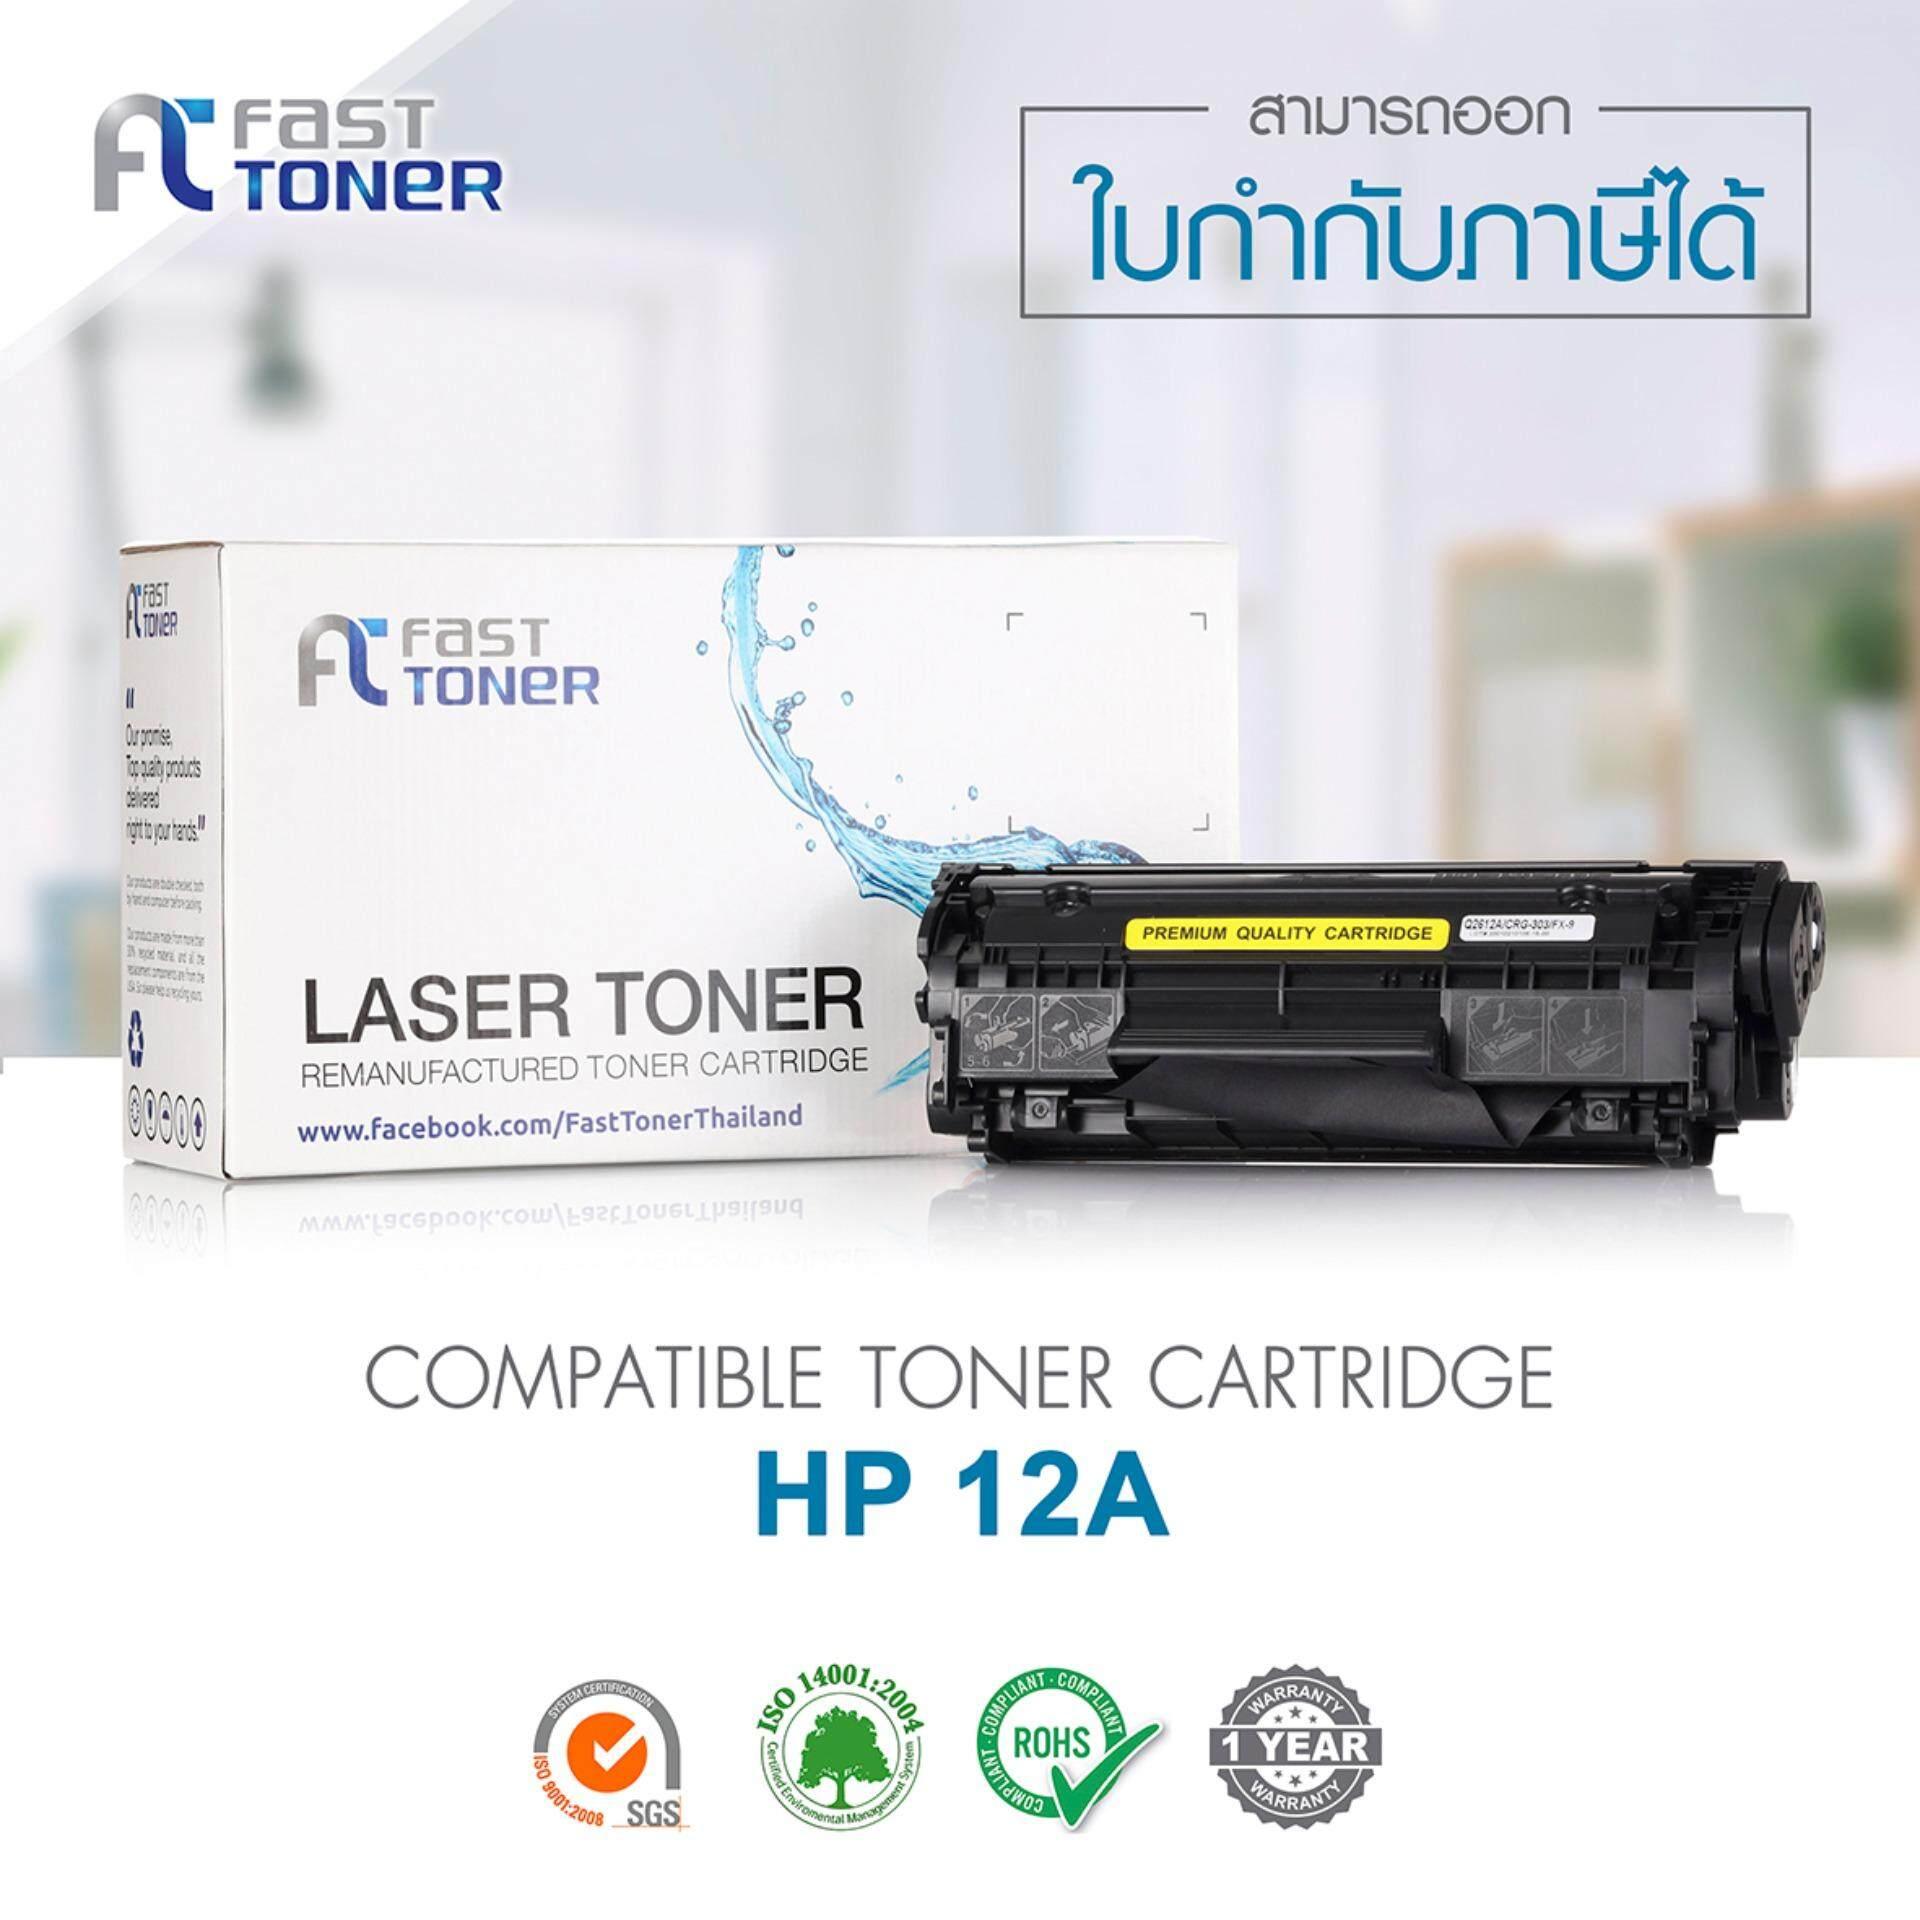 ซื้อ Fast Toner Hp Laser Toner ตลับหมึกเลเซอร์ 12A รุ่น Q2612A Black กรุงเทพมหานคร